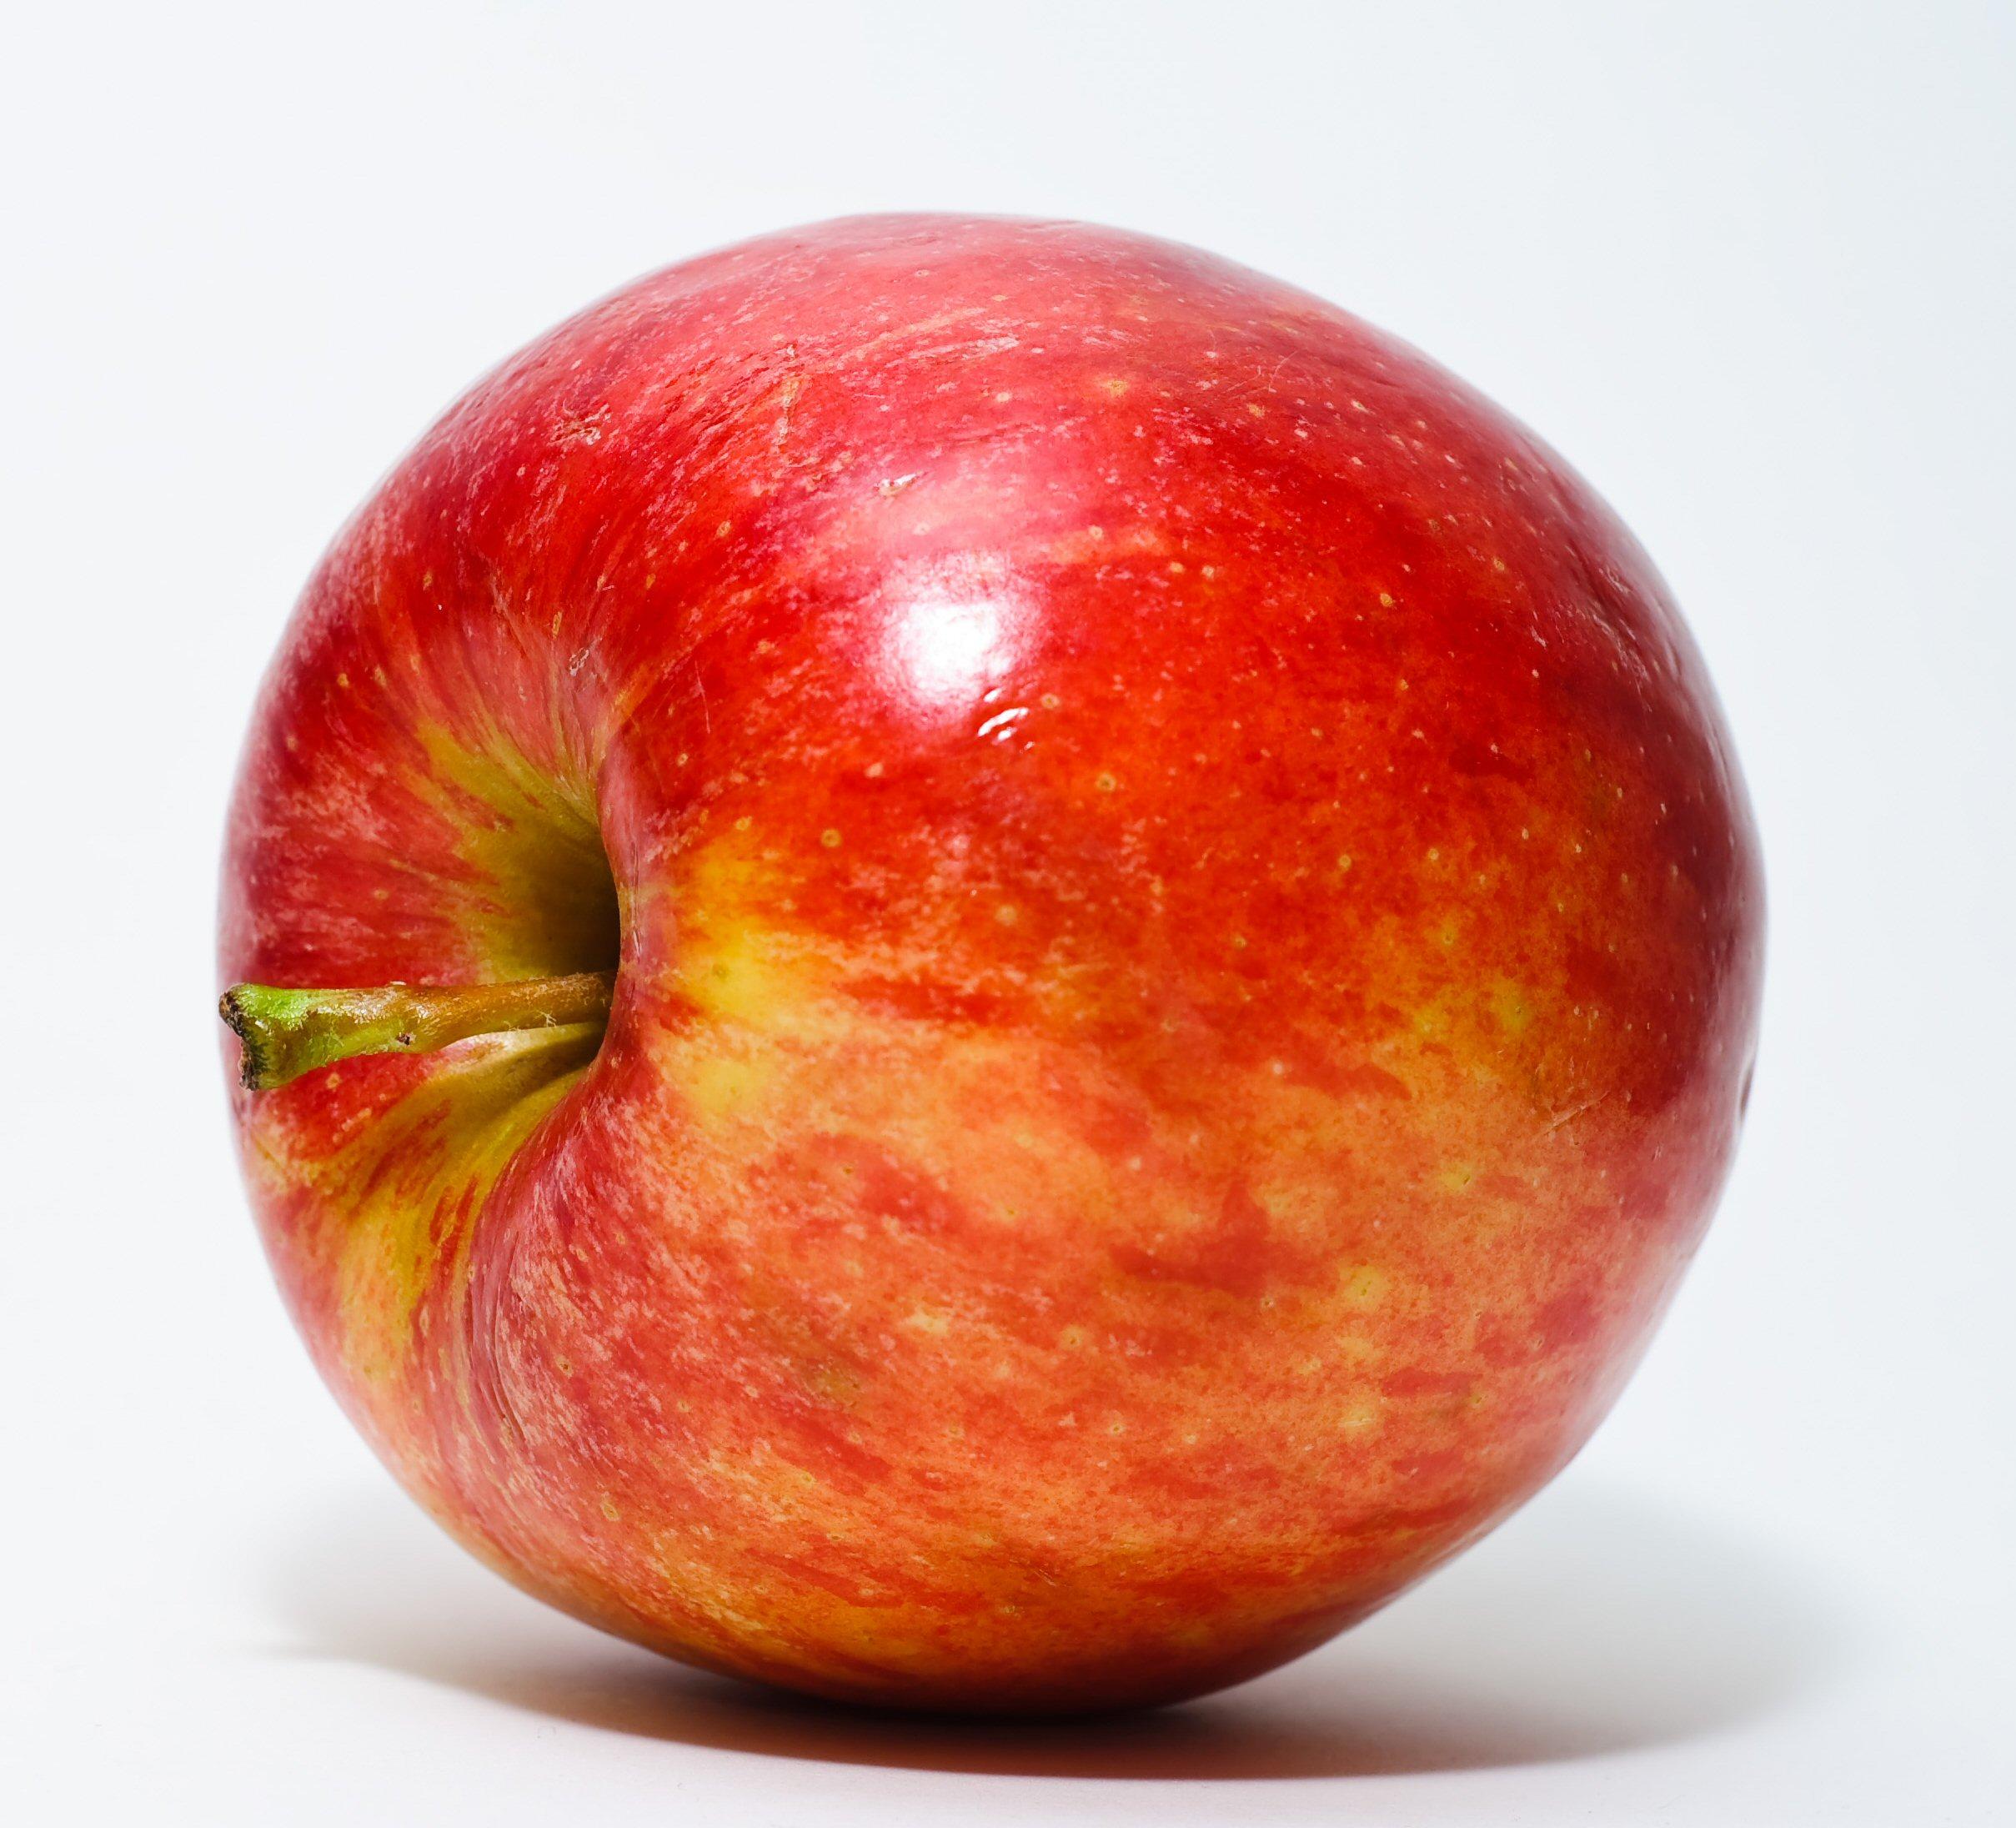 Яблоко, фото, крупным планом